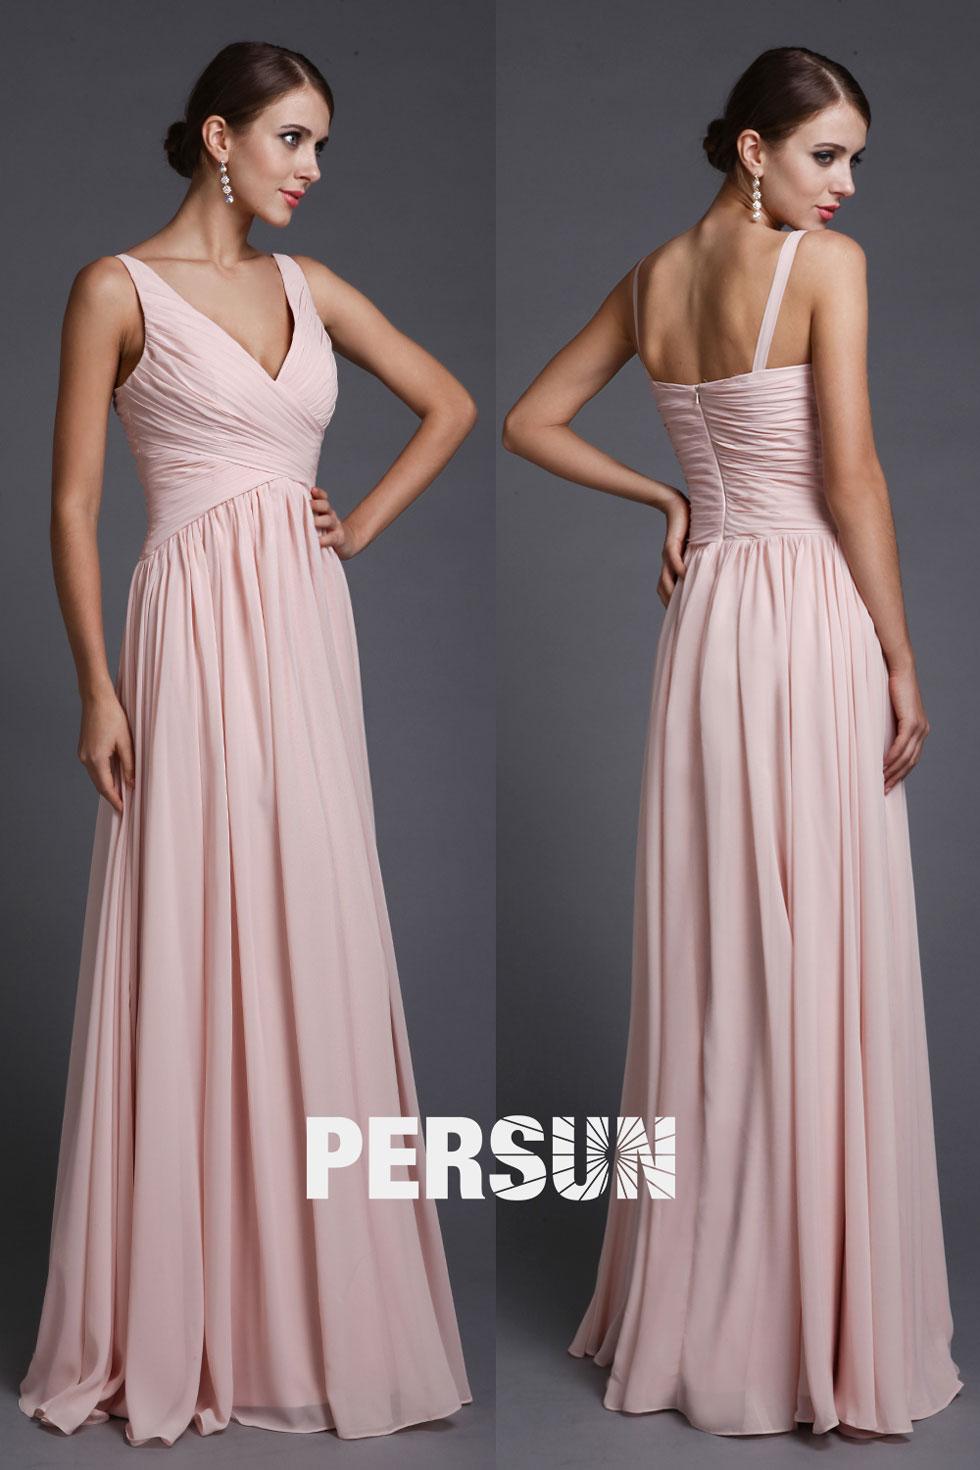 allure robe rose vintage pour invitée mariage ou cortège mariage